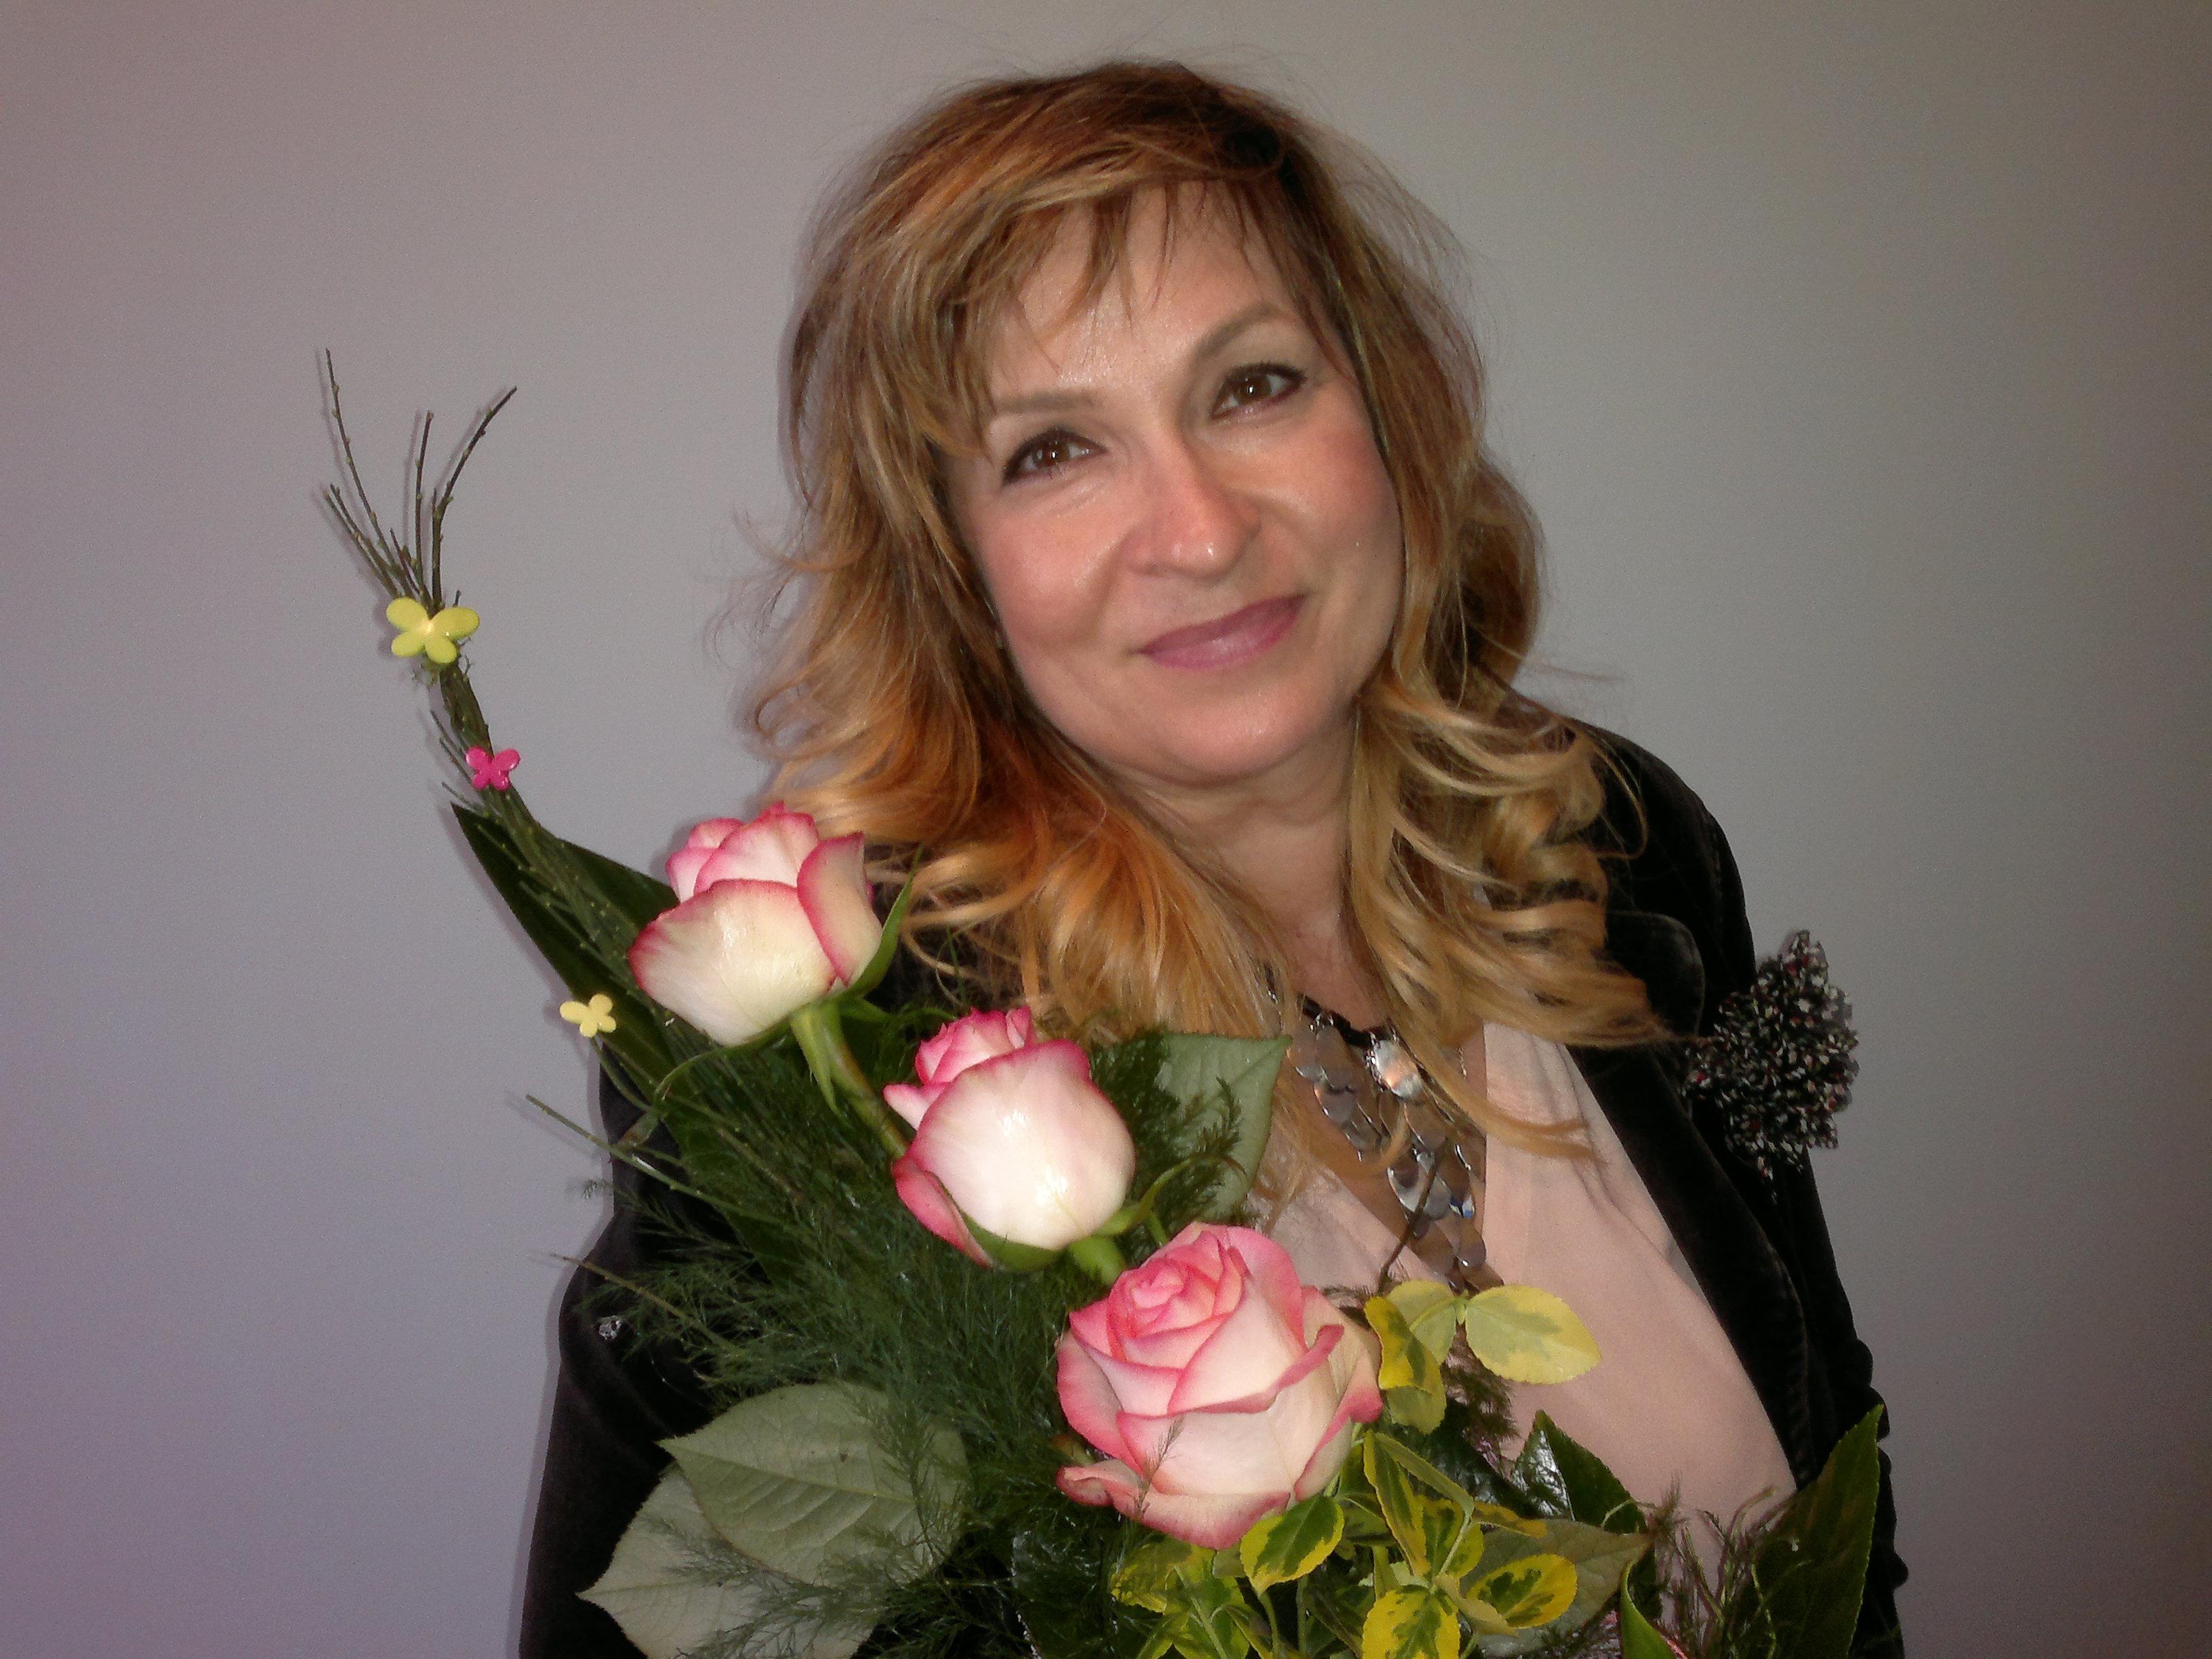 Ocskó Erzsébet, hálózatvezető a Molnár-ágon